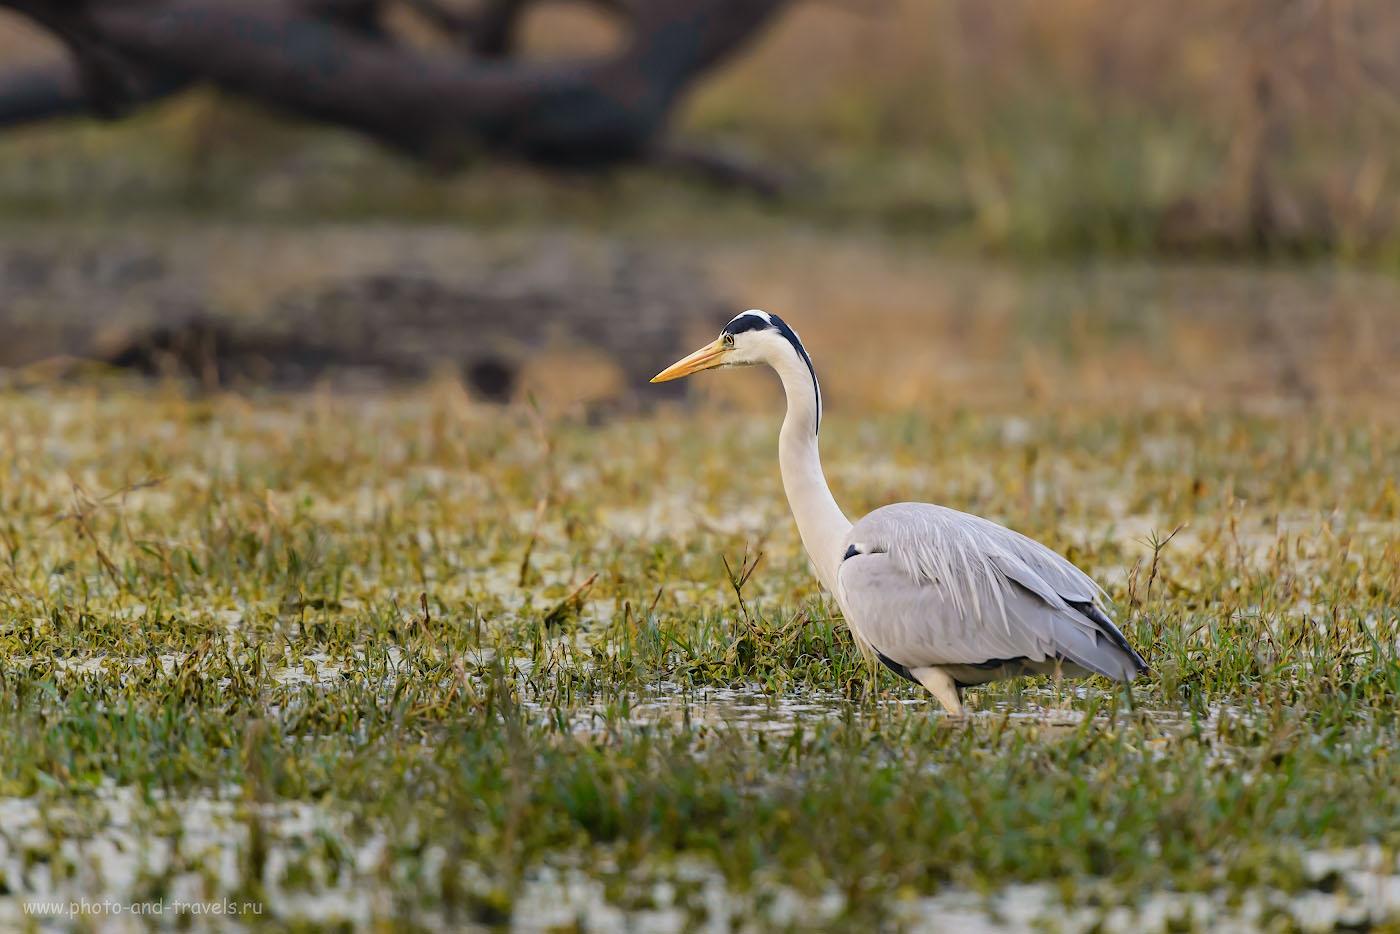 Снимок 8. Серая цапля в болотах птичьего заповедника Кеоладео. Отзывы о поездке по Индии самостоятельно. 1/640, +0.33, 4.0, 1800, 280.